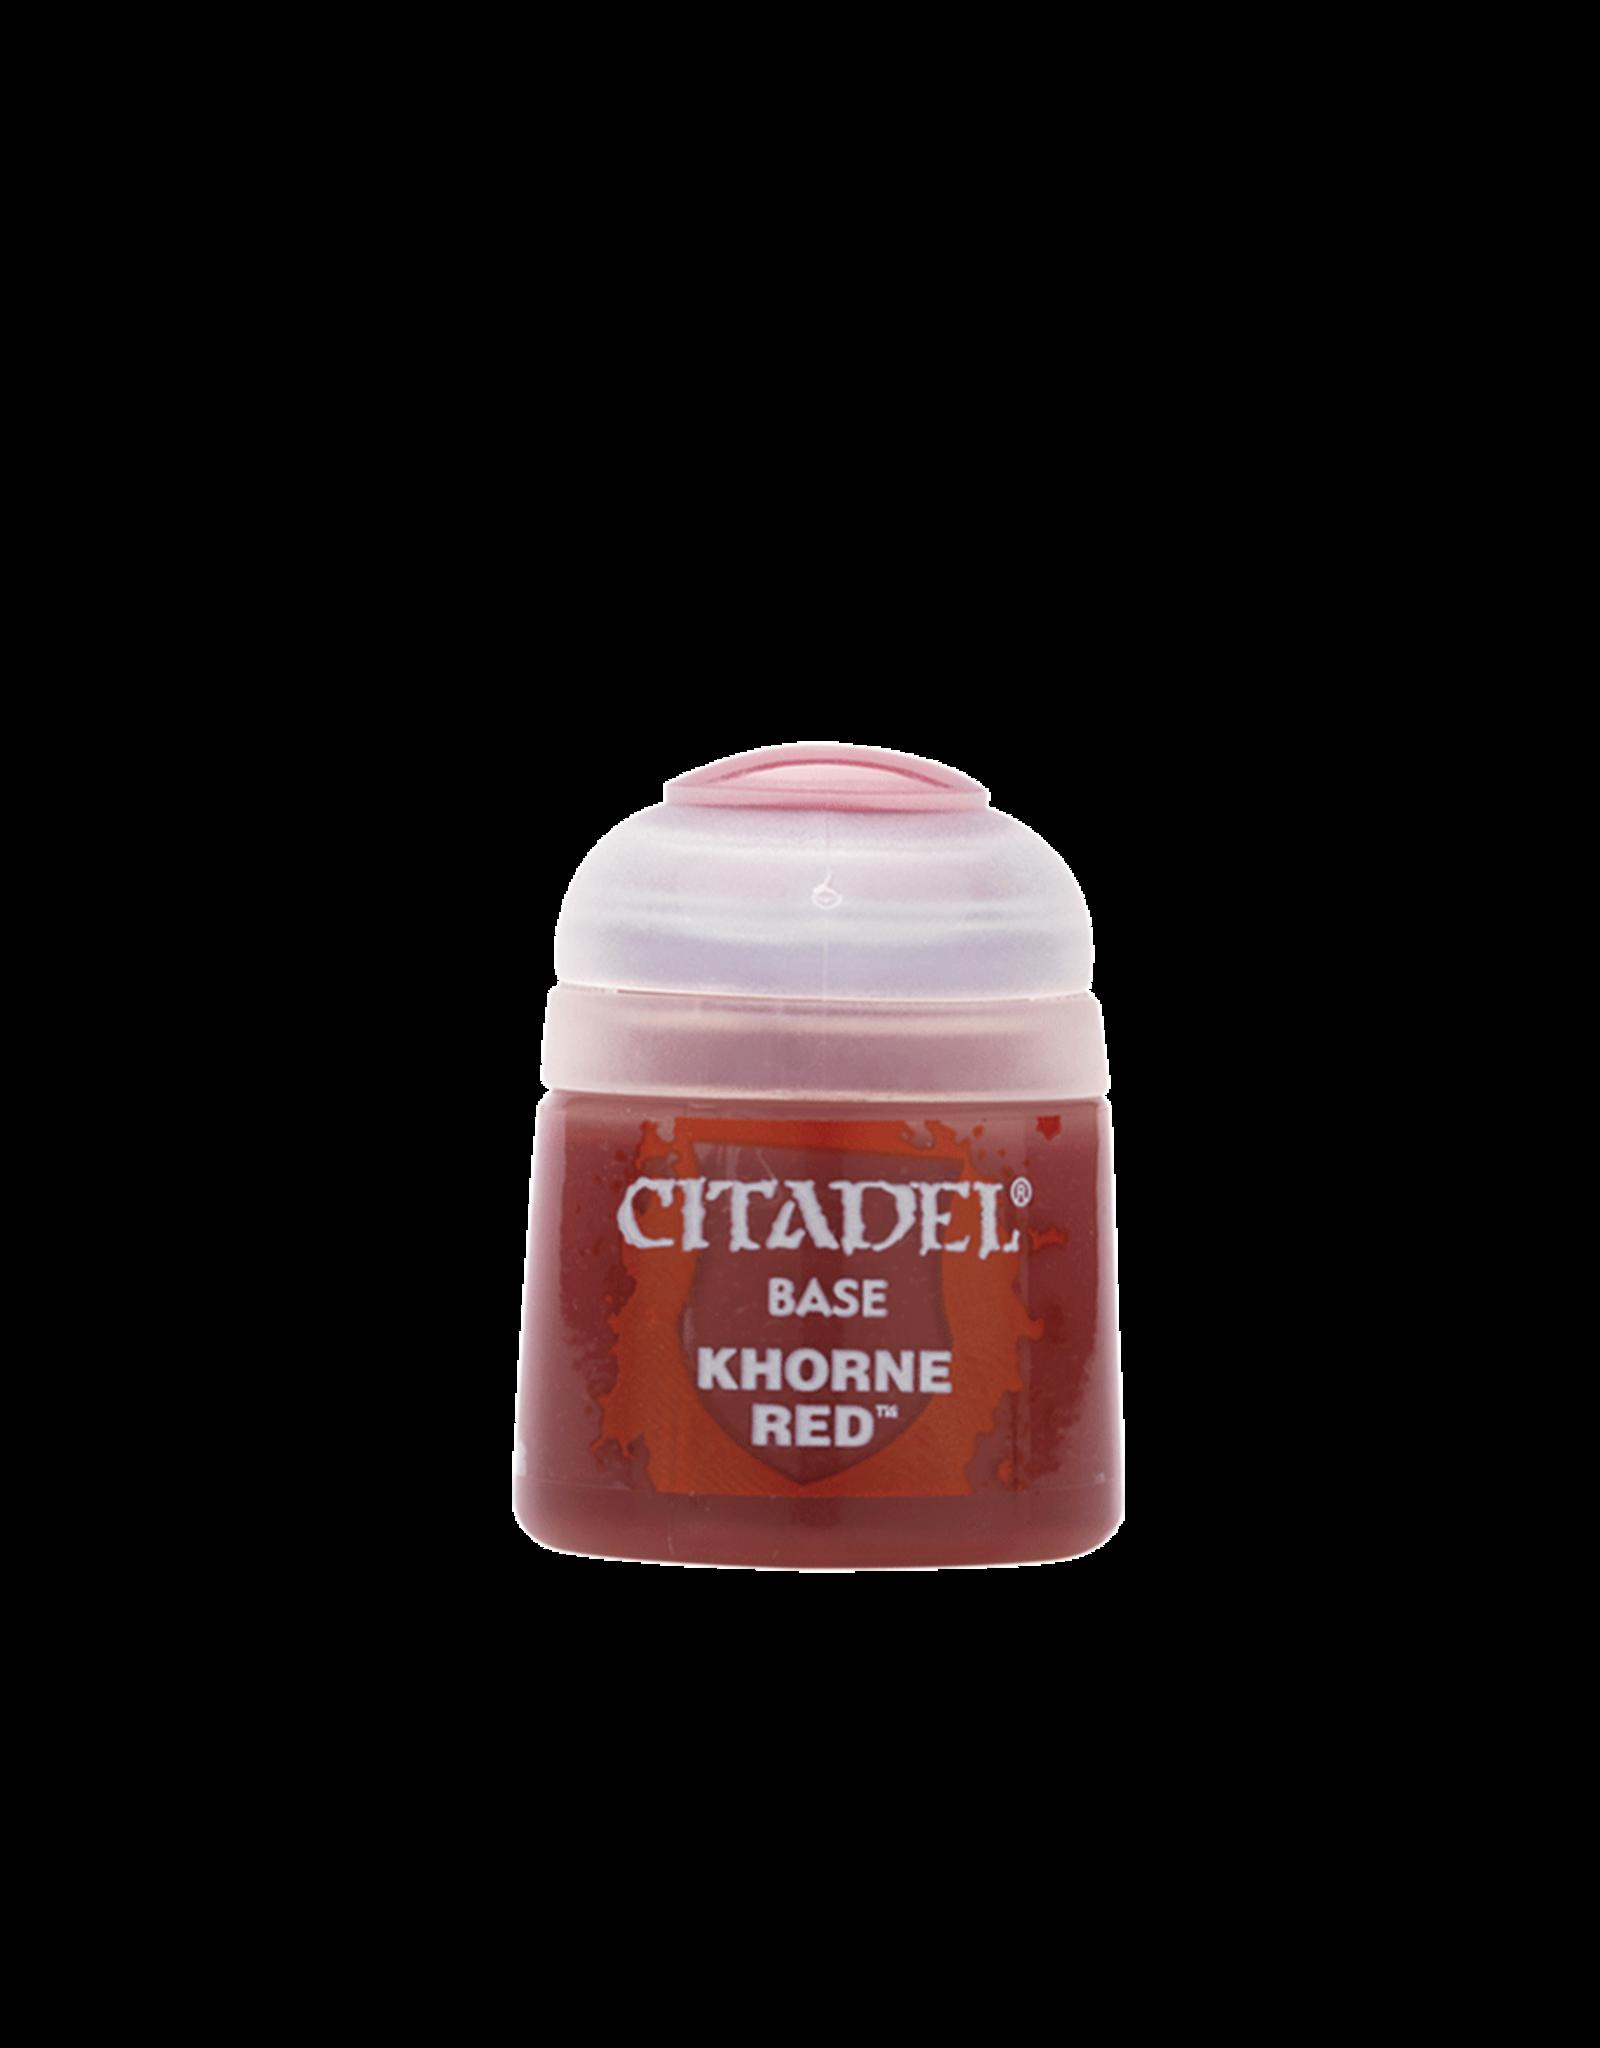 Citadel Citadel Paints: Base - Khorne Red